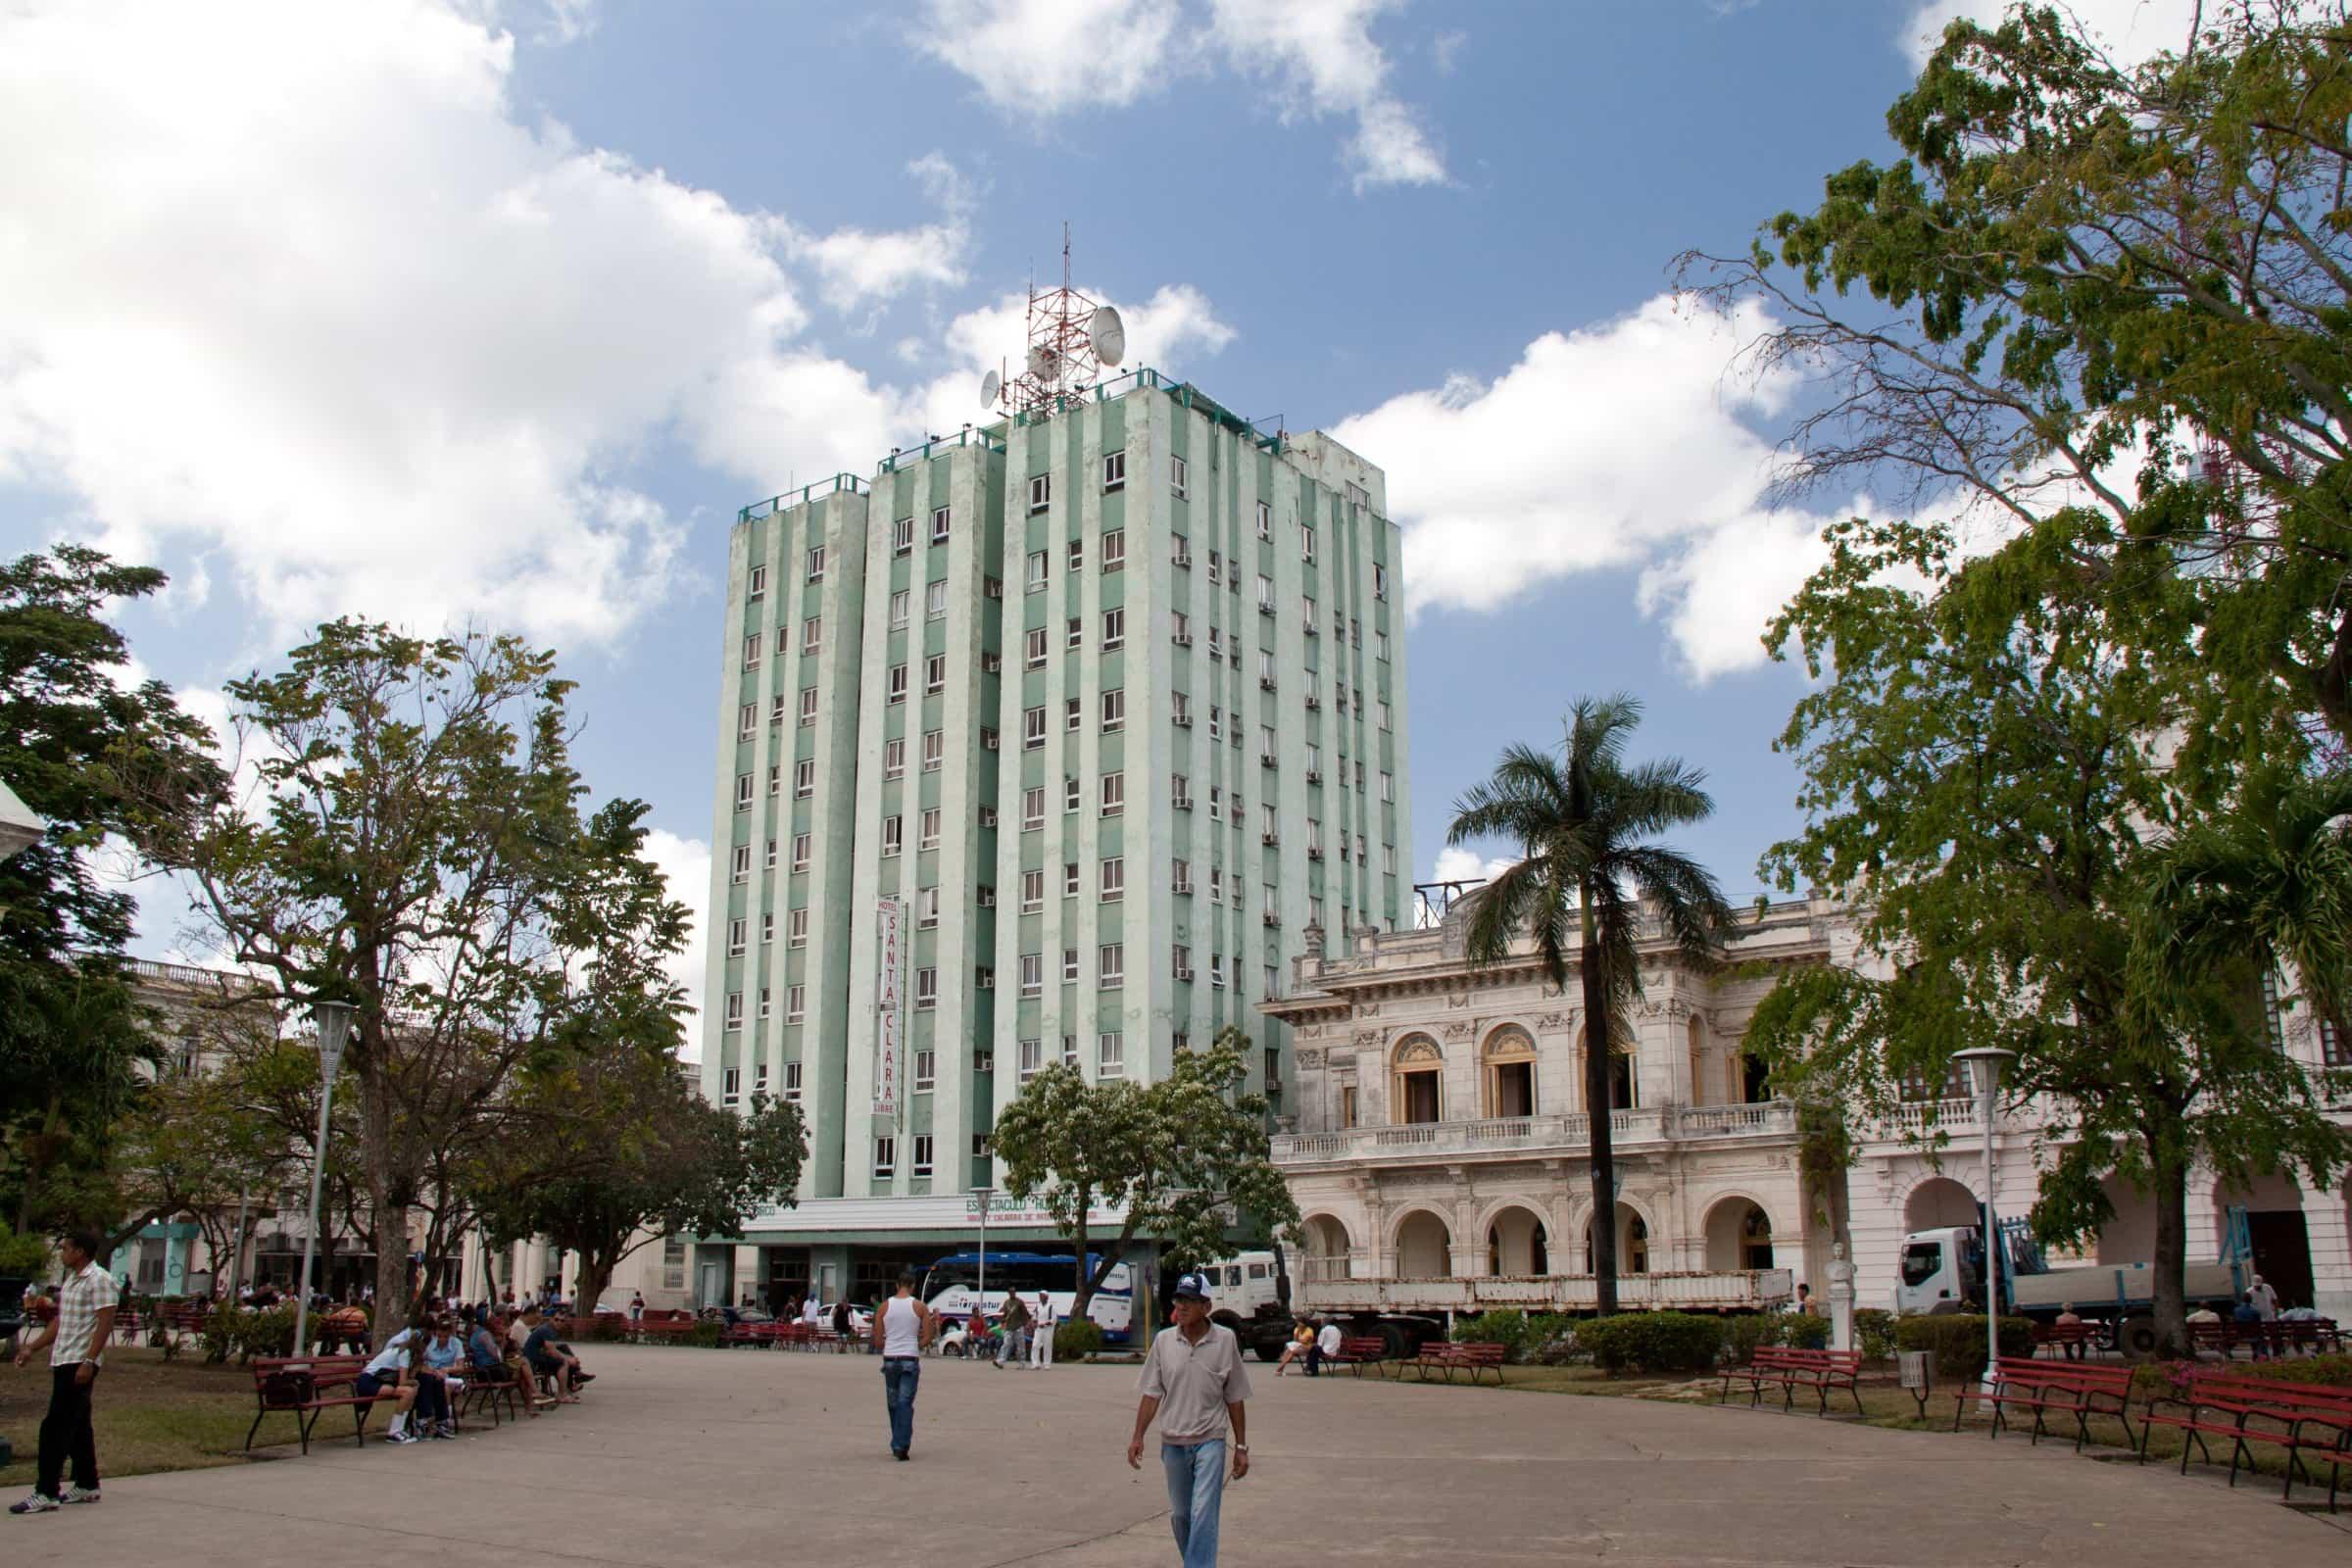 Parque min - Santa Clara City, Cuba